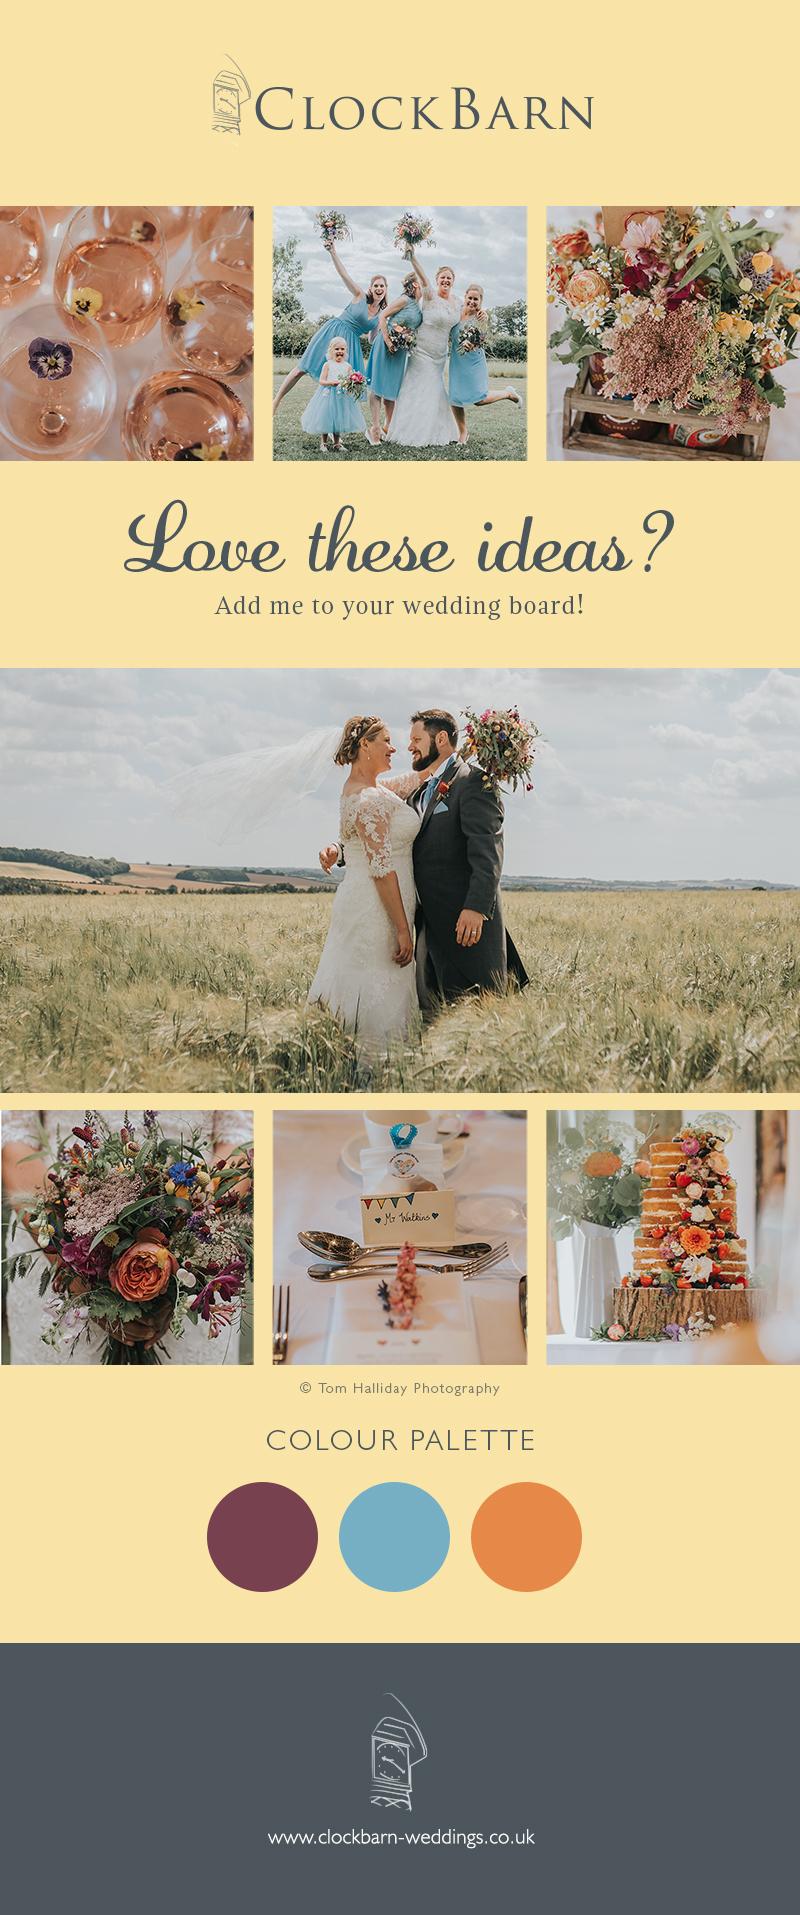 Abi and David's real life wedding at Clock Barn in Hampshire